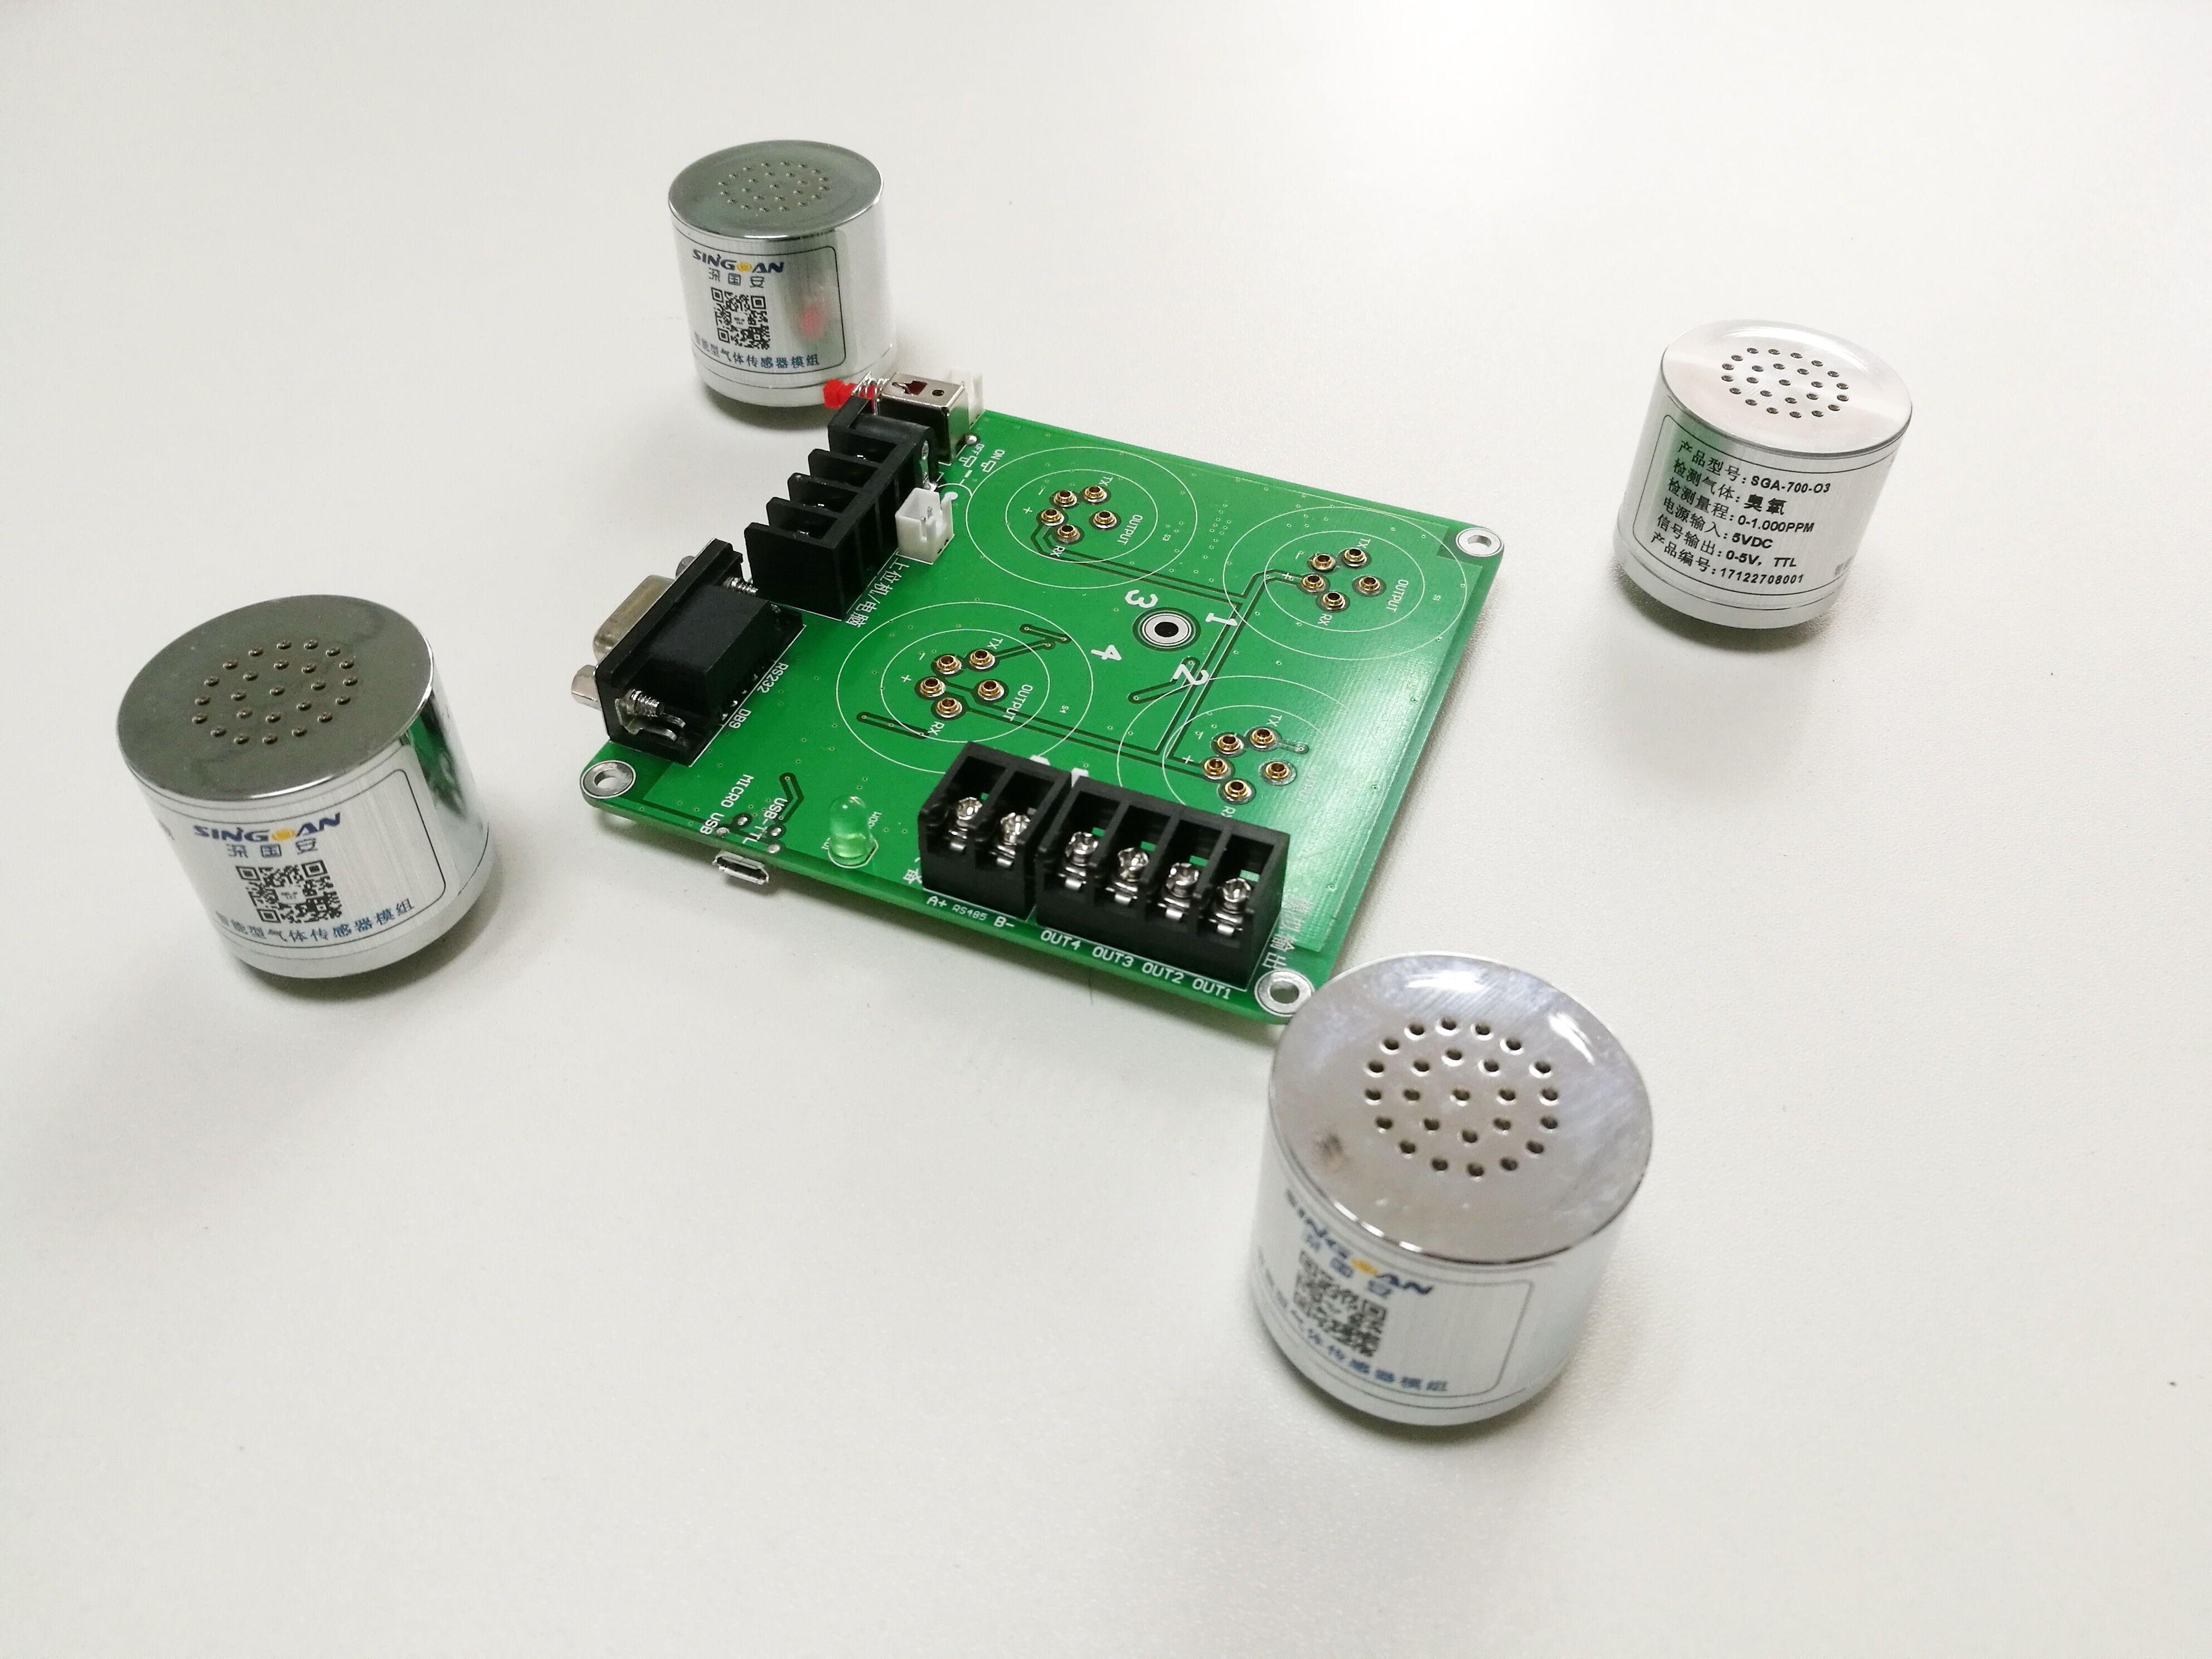 按需订制700系列智能型丁酮气体传感器模块18款热卖